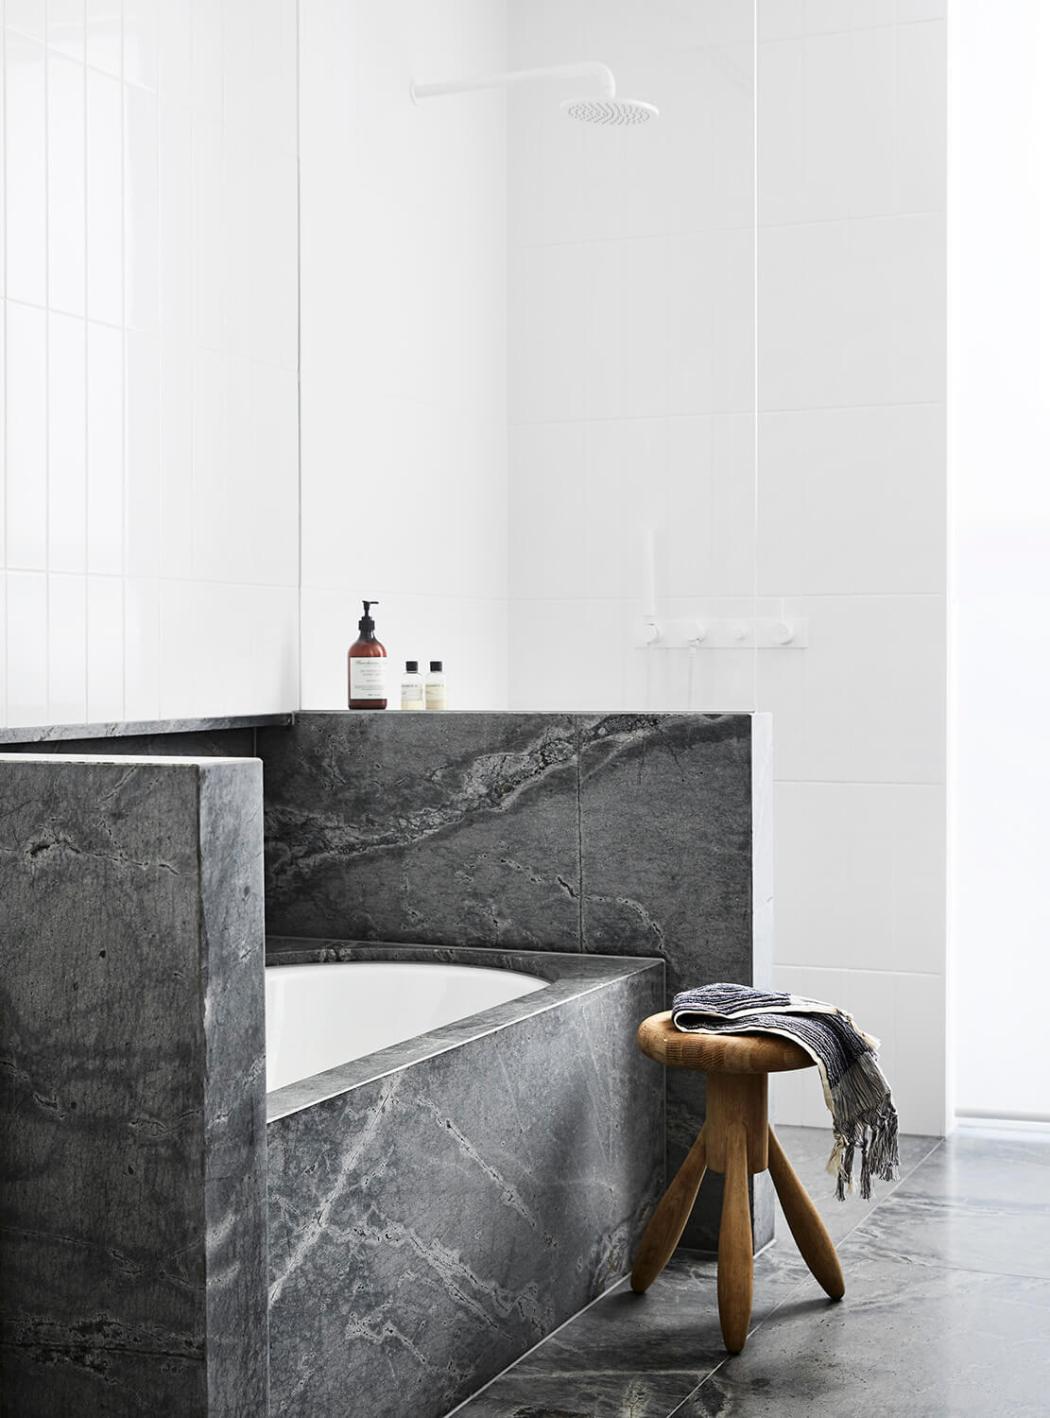 Une façon moderne et cosy de vous faire aimer le noir et blanc sur www.decocrush.fr - @decocrush